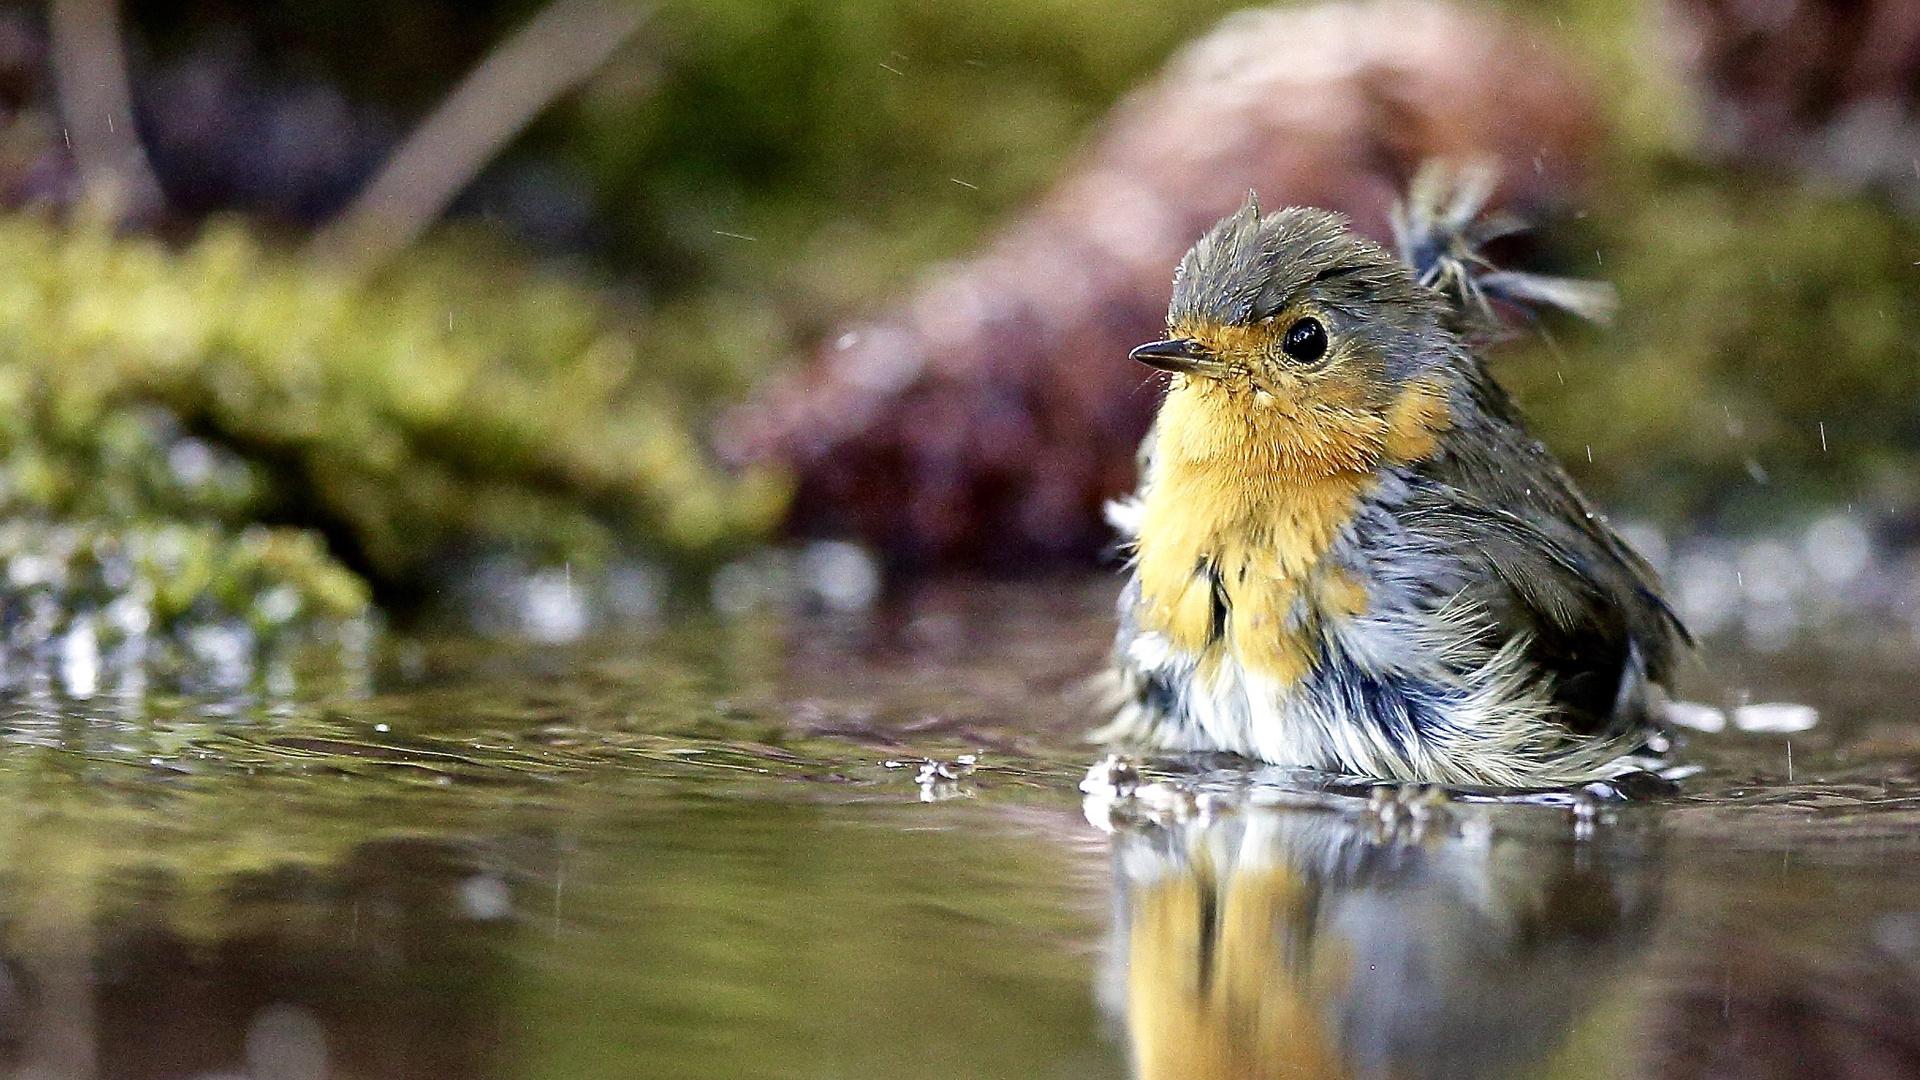 птица, вода, природа, купание, птицы мира, робин, зарянка, малиновка, реполов